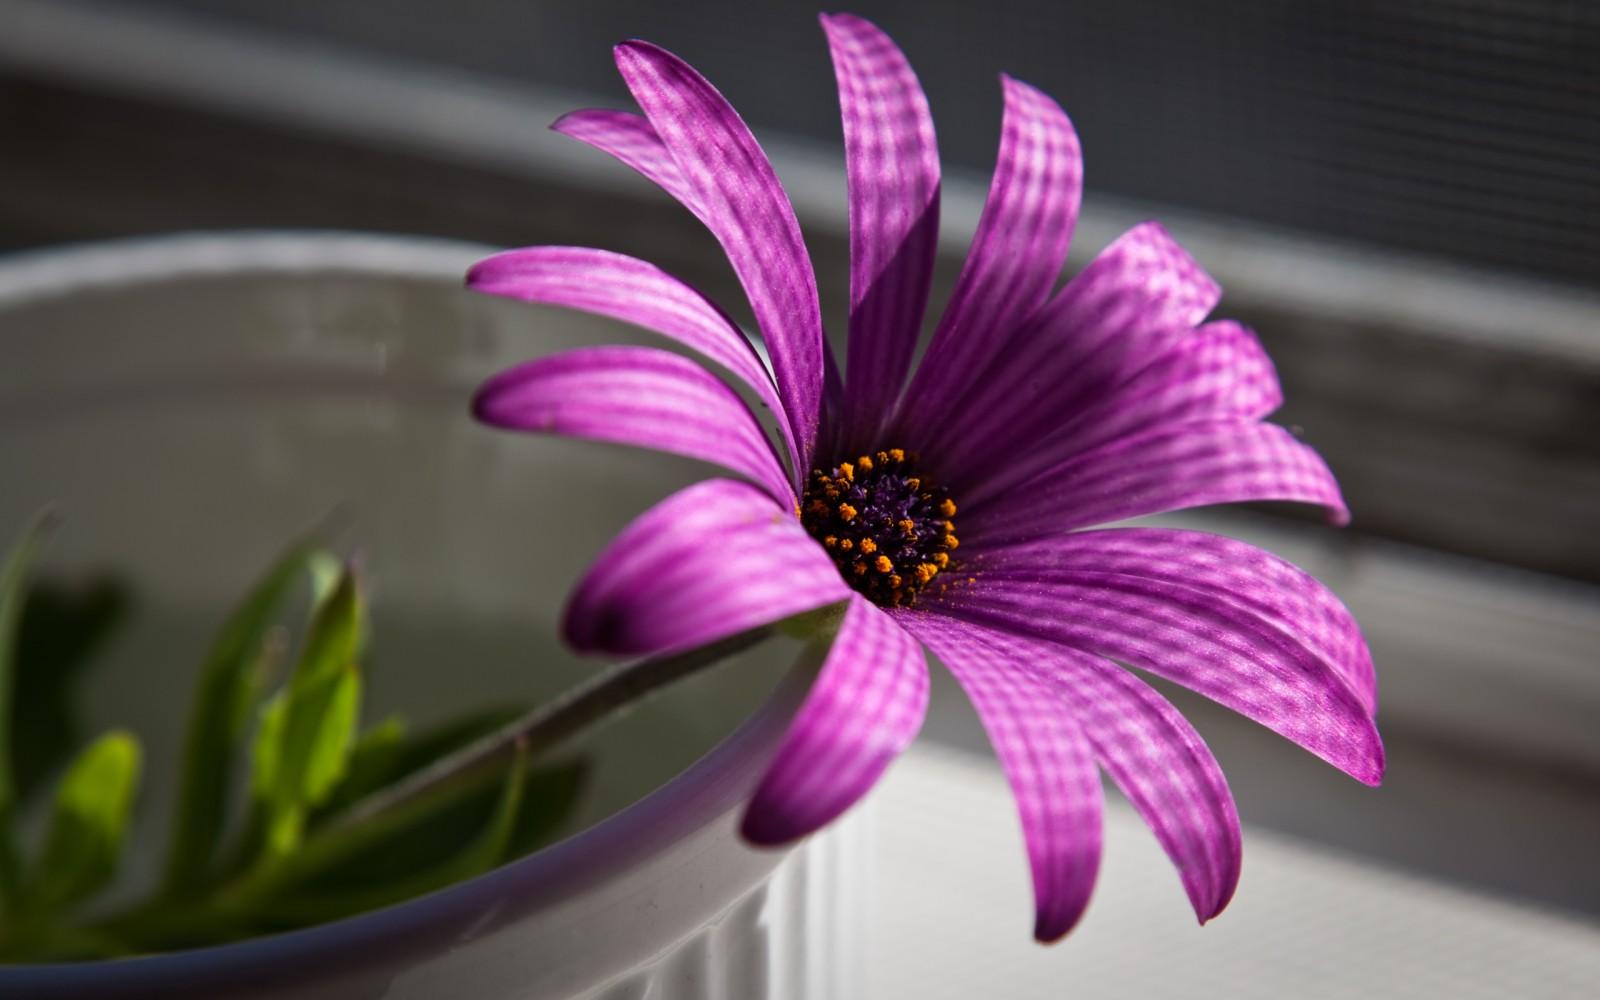 Галерея фотографийфото красивых цветов